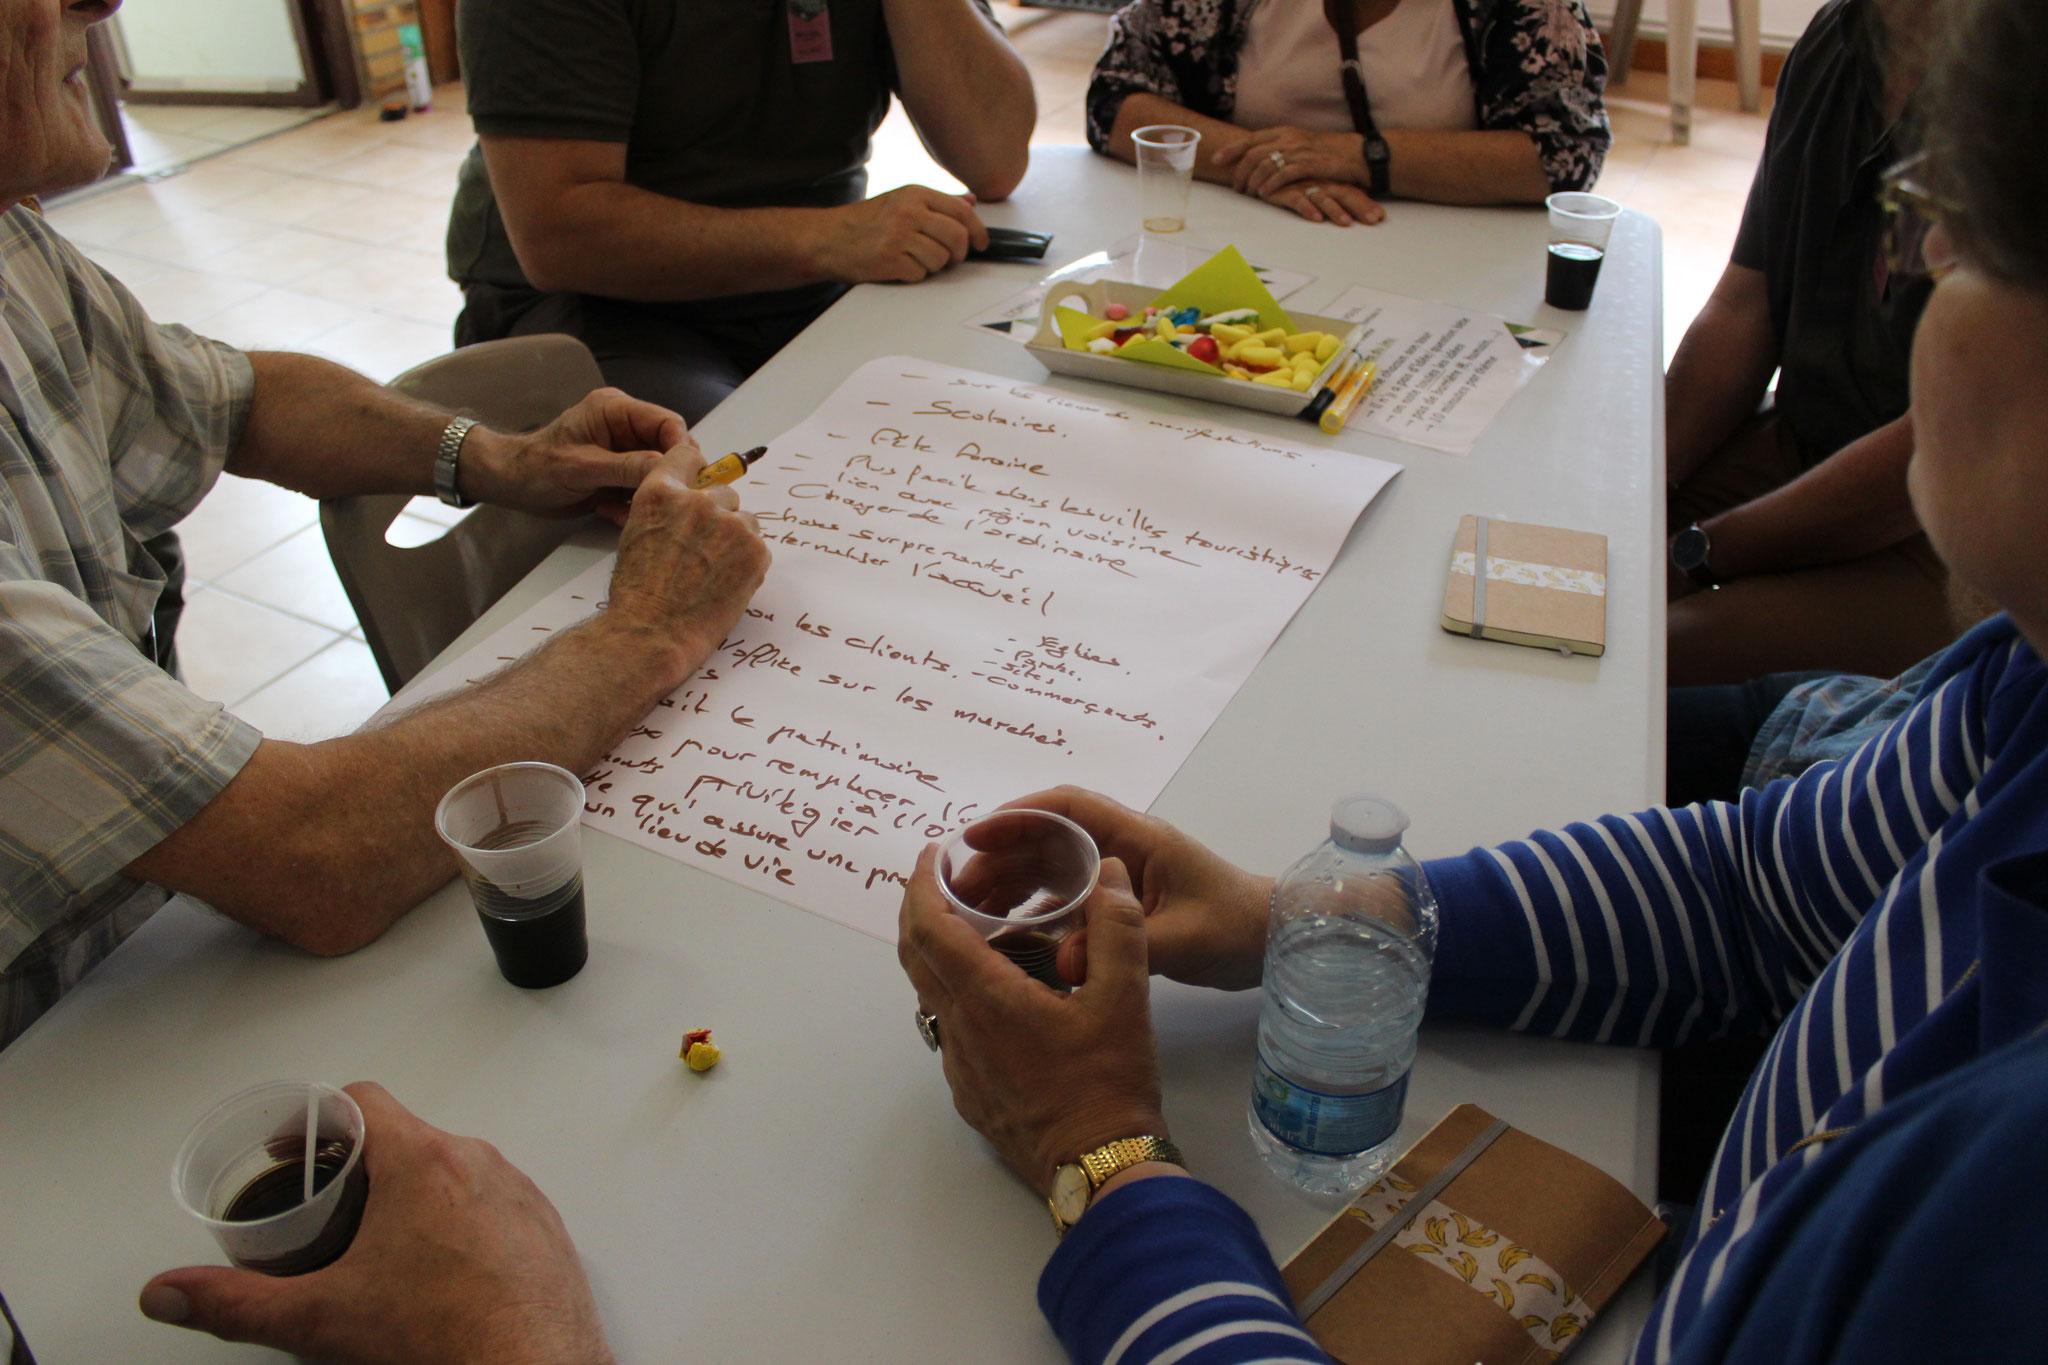 Atelier de co-création © OT du Pays de Valois